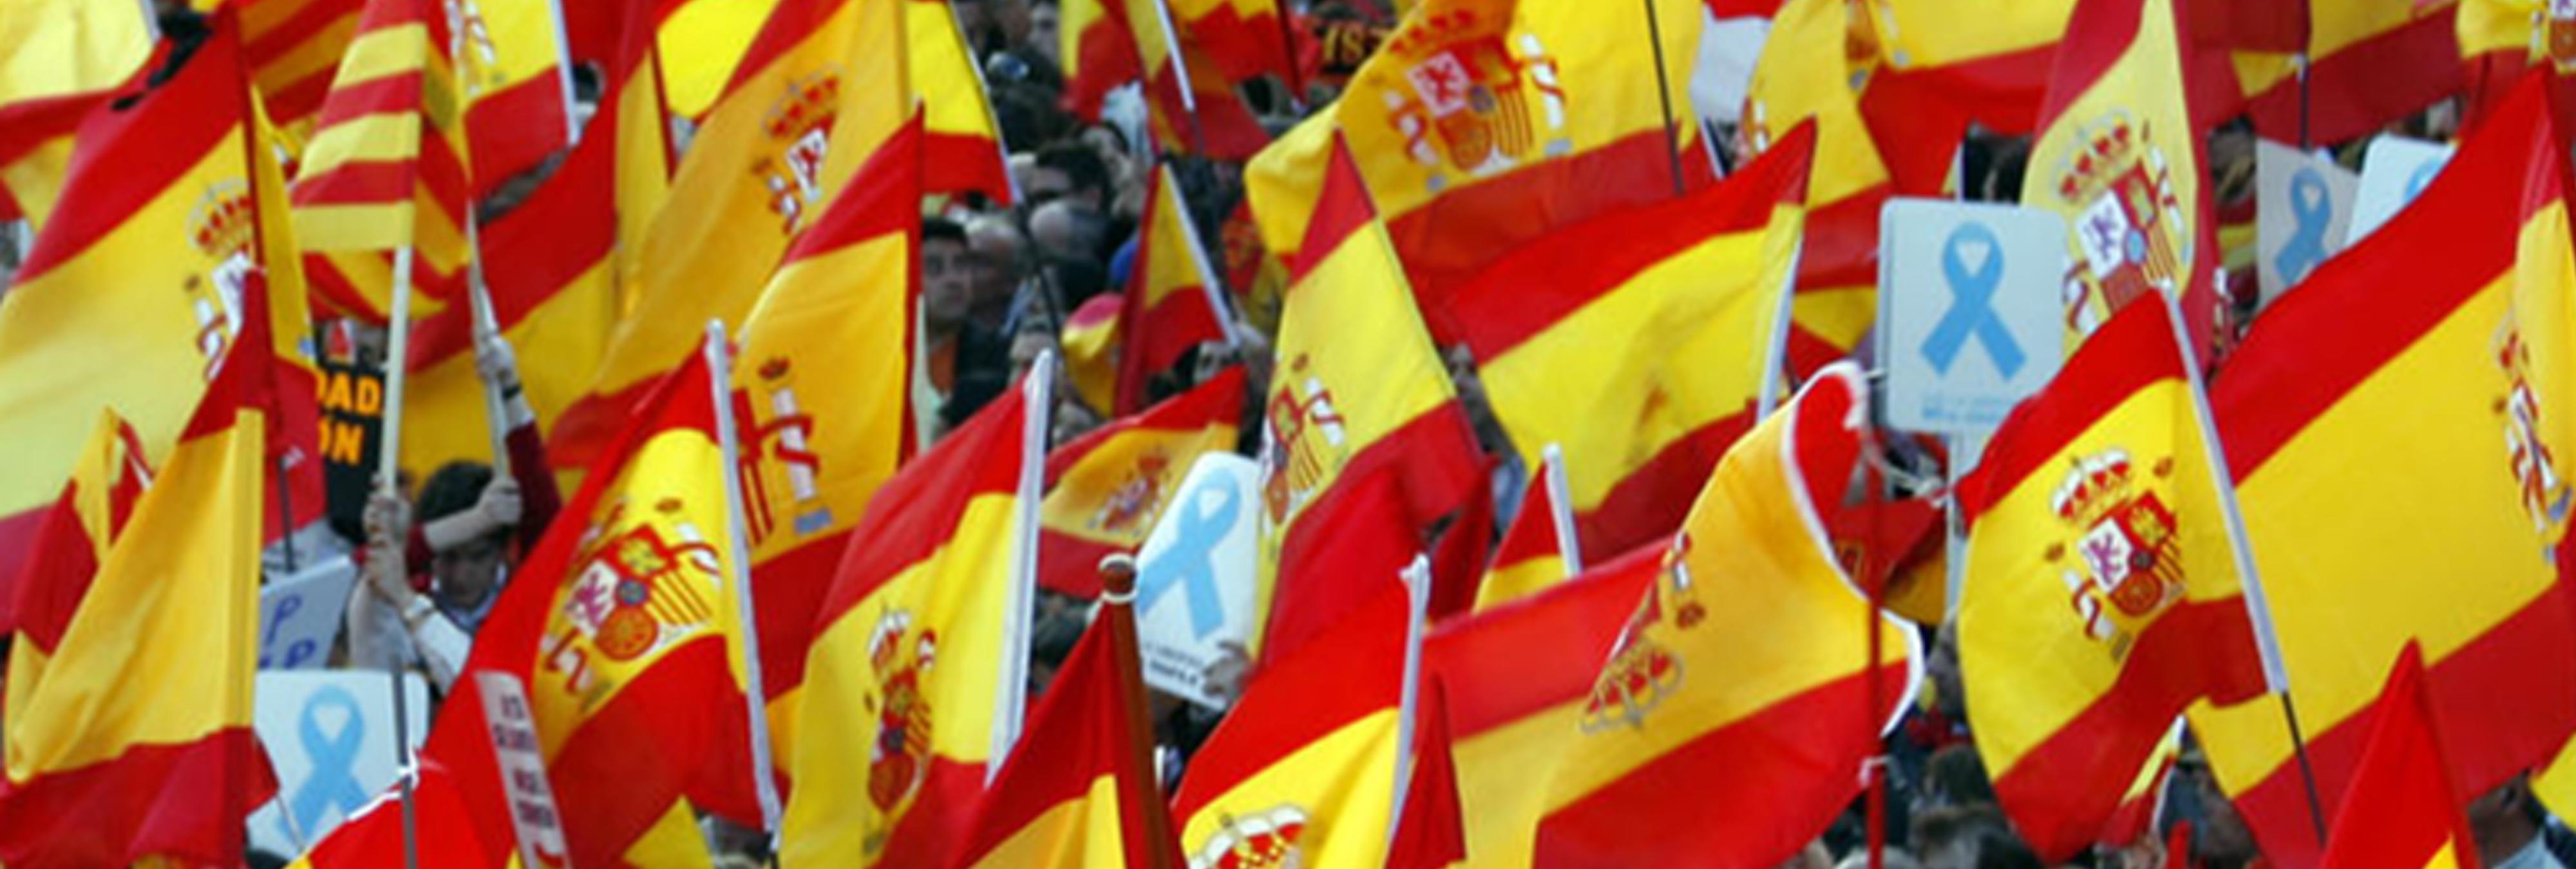 Dan una paliza y matan a un hombre por llevar tirantes con la bandera de España